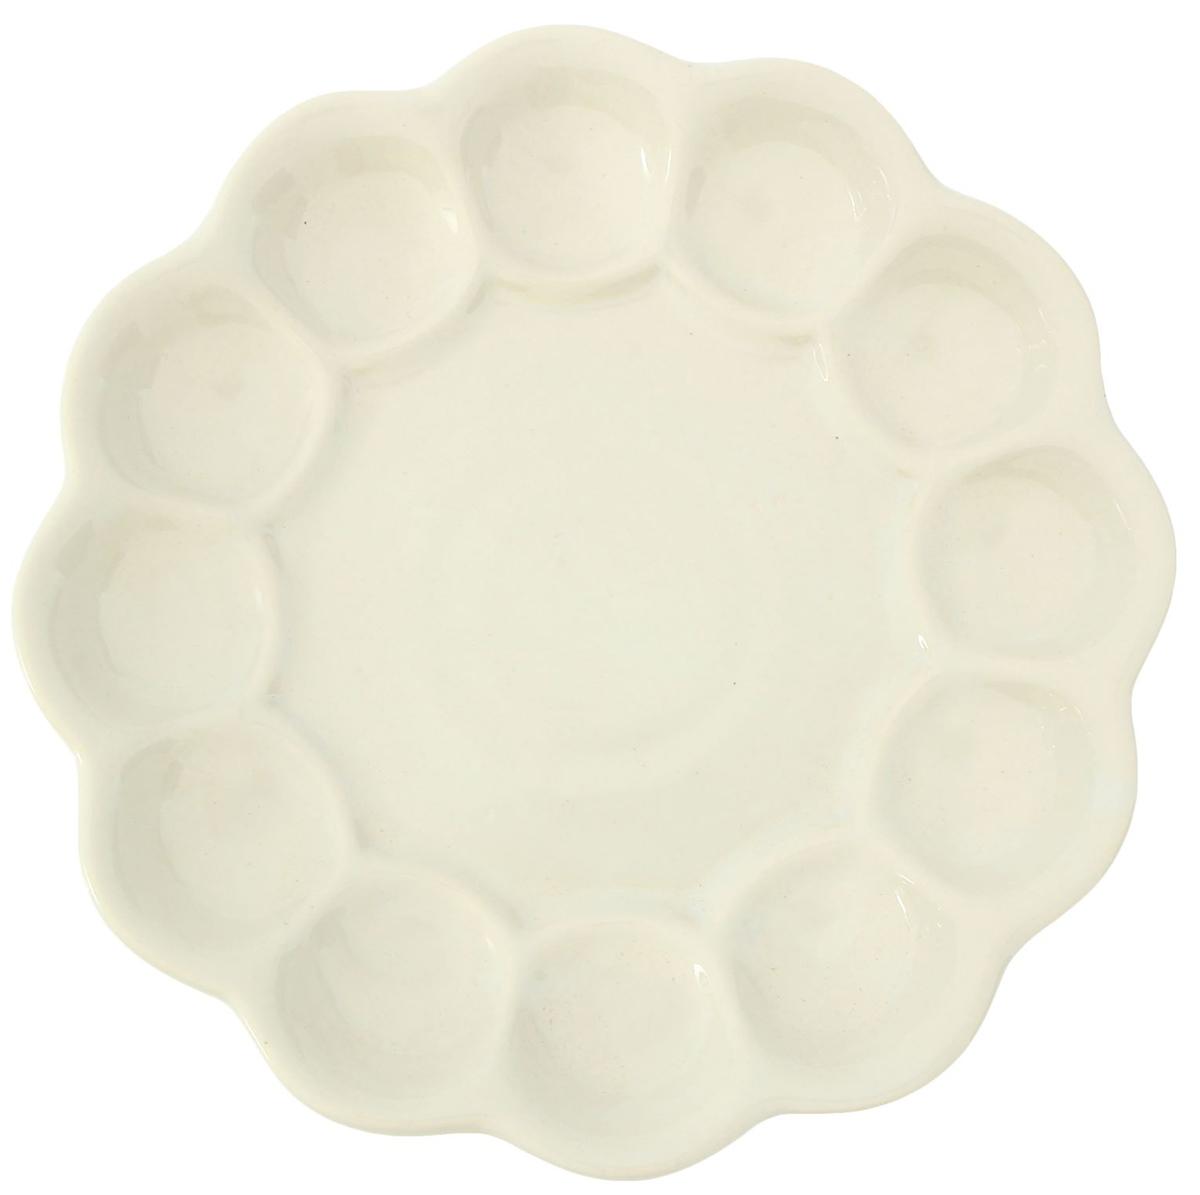 Подставка для яйца Керамика ручной работы Пасхальная, цвет: бежевый, белый, диаметр 22 см. 21492162149216Данная тарелка понравится любителям вкусной и полезной домашней пищи. Такая посуда практична и красива, в ней можно хранить и подавать разнообразные блюда. При многократном использовании изделие сохранит свой вид и выдержит мытьё в посудомоечной машине.В керамической ёмкости горячая пища долго сохраняет своё тепло, остуженные блюда остаются прохладными.Изделие не выделяет вредных веществ при нагревании и длительном хранении за счёт экологичности материала.